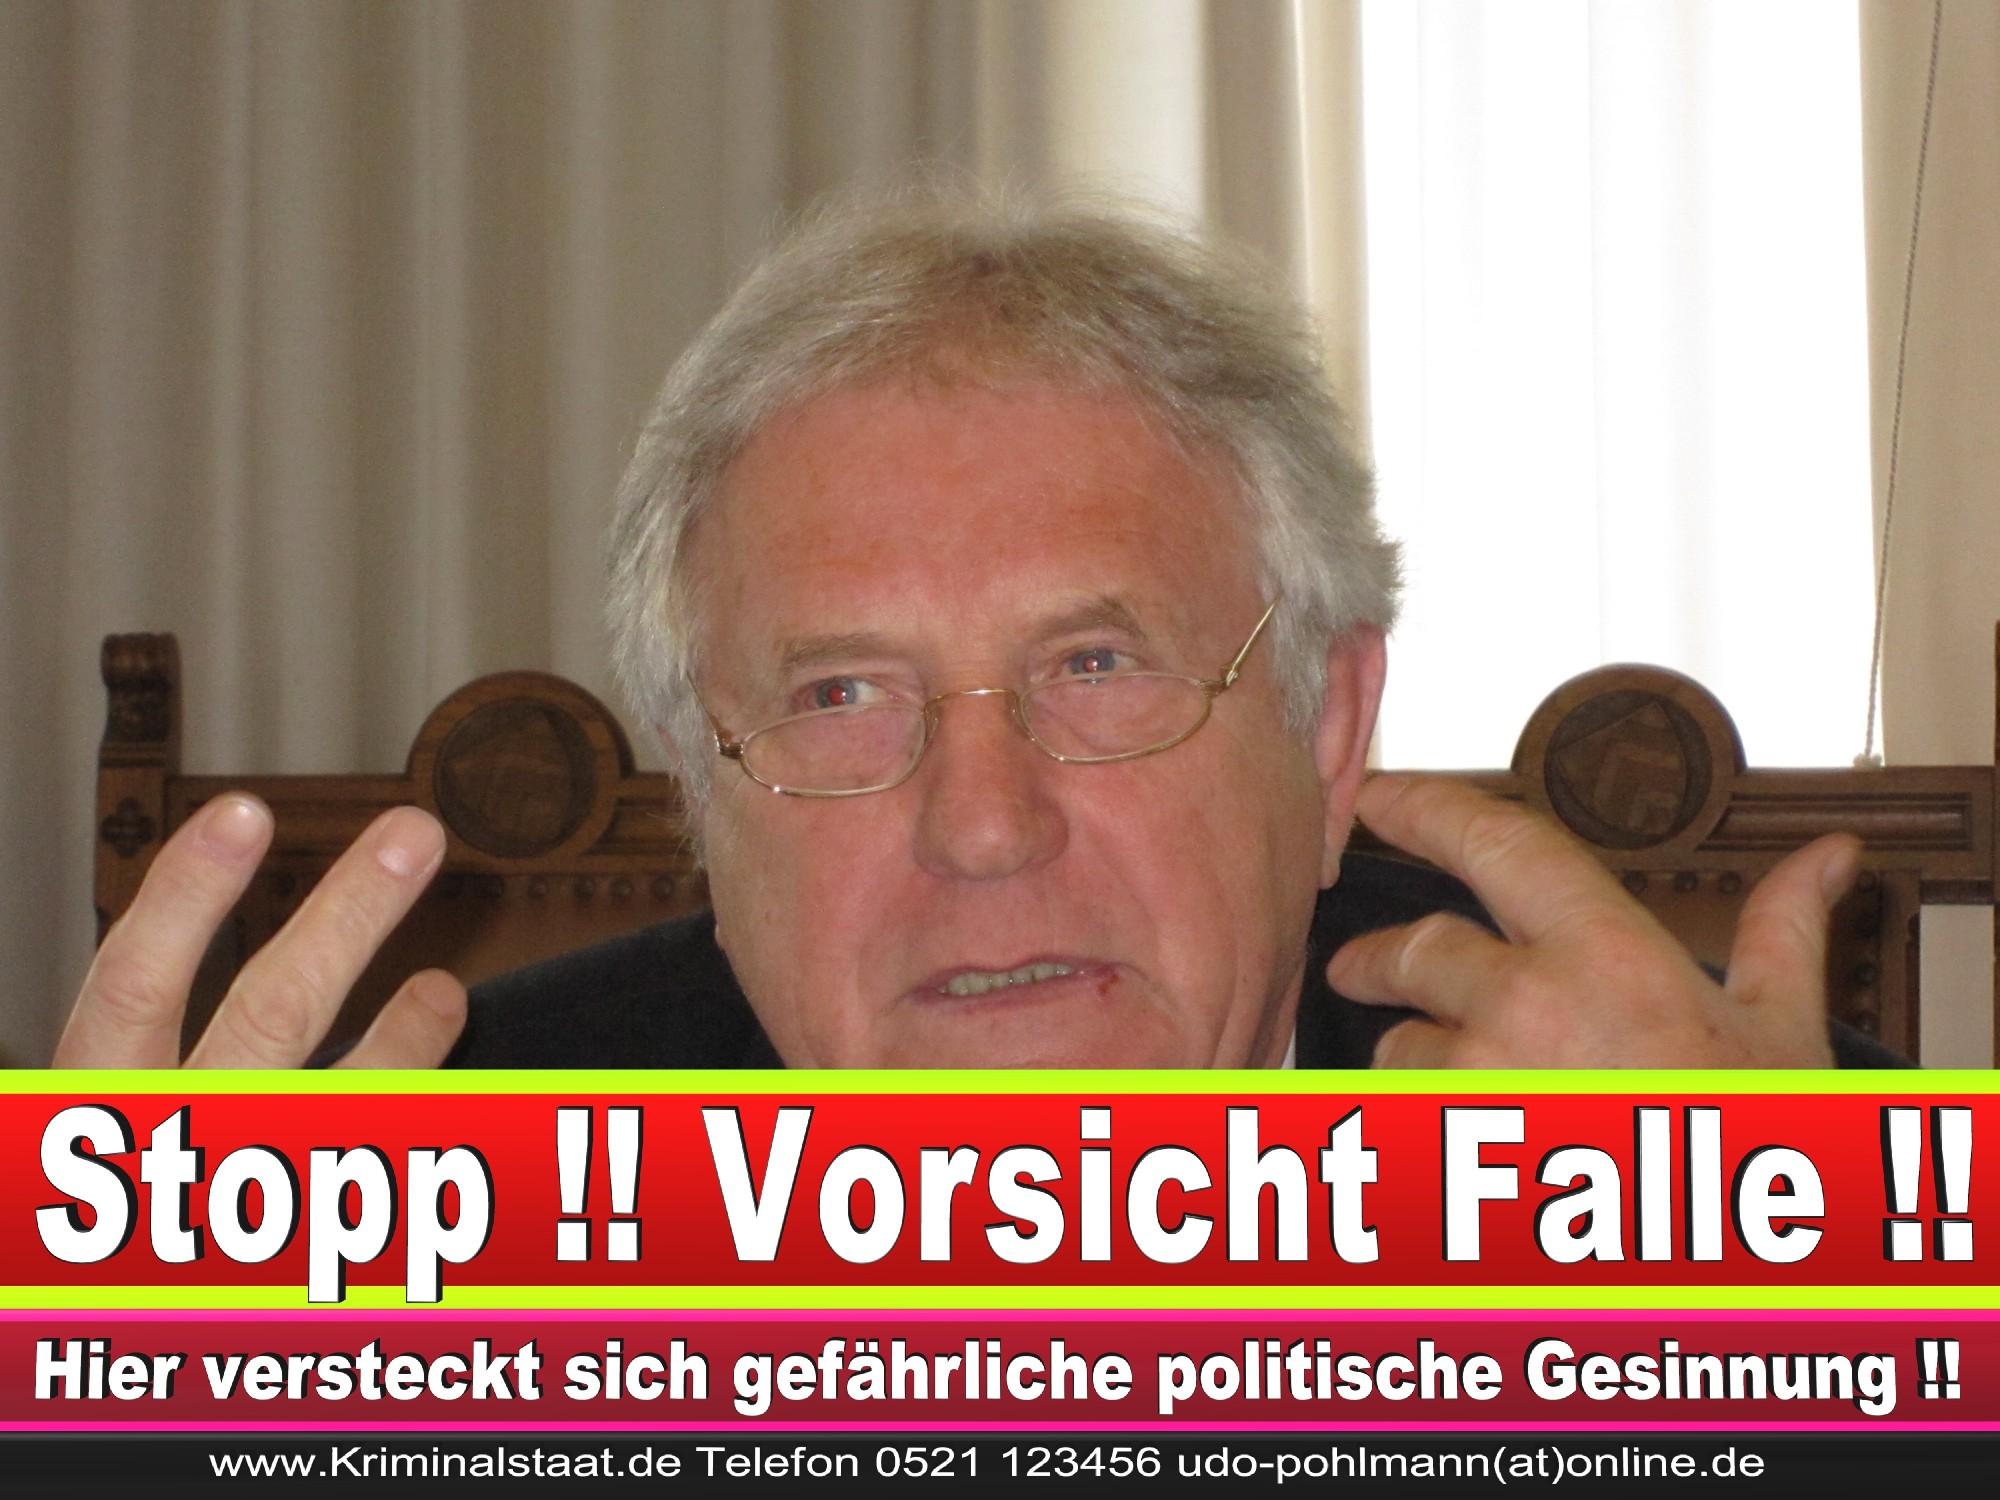 Polizeipräsident Erwin Südfeld Bielefeld Oberbürgermeister Bürgermeister Peter Clausen Pit Clausen Bielefeld (14)